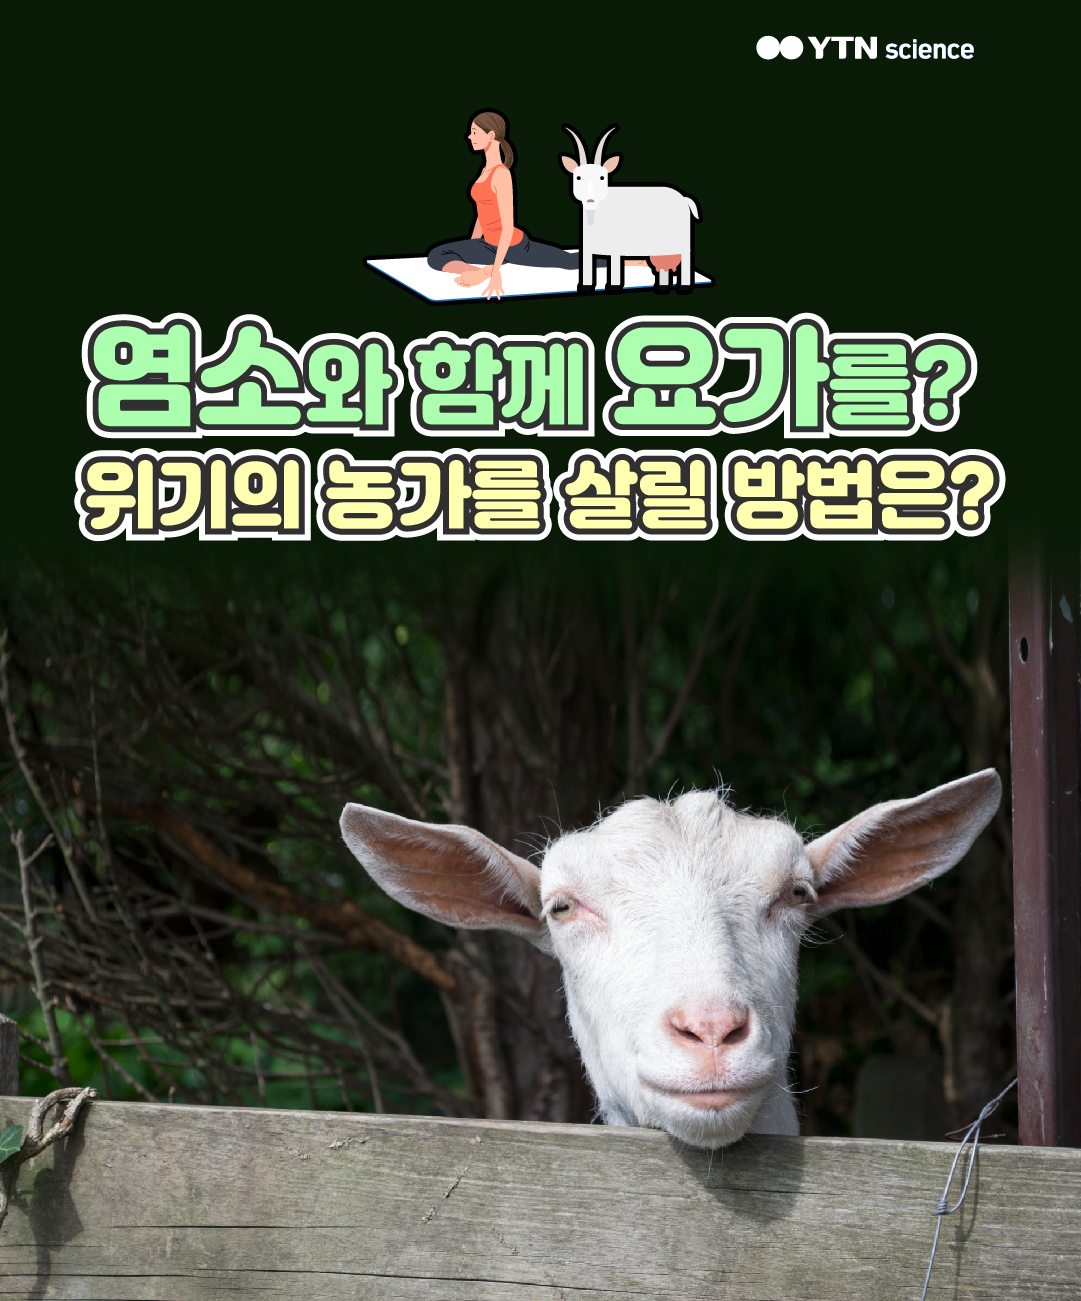 염소와 함께 요가를? 위기의 농가를 살릴 방법은? 이미지